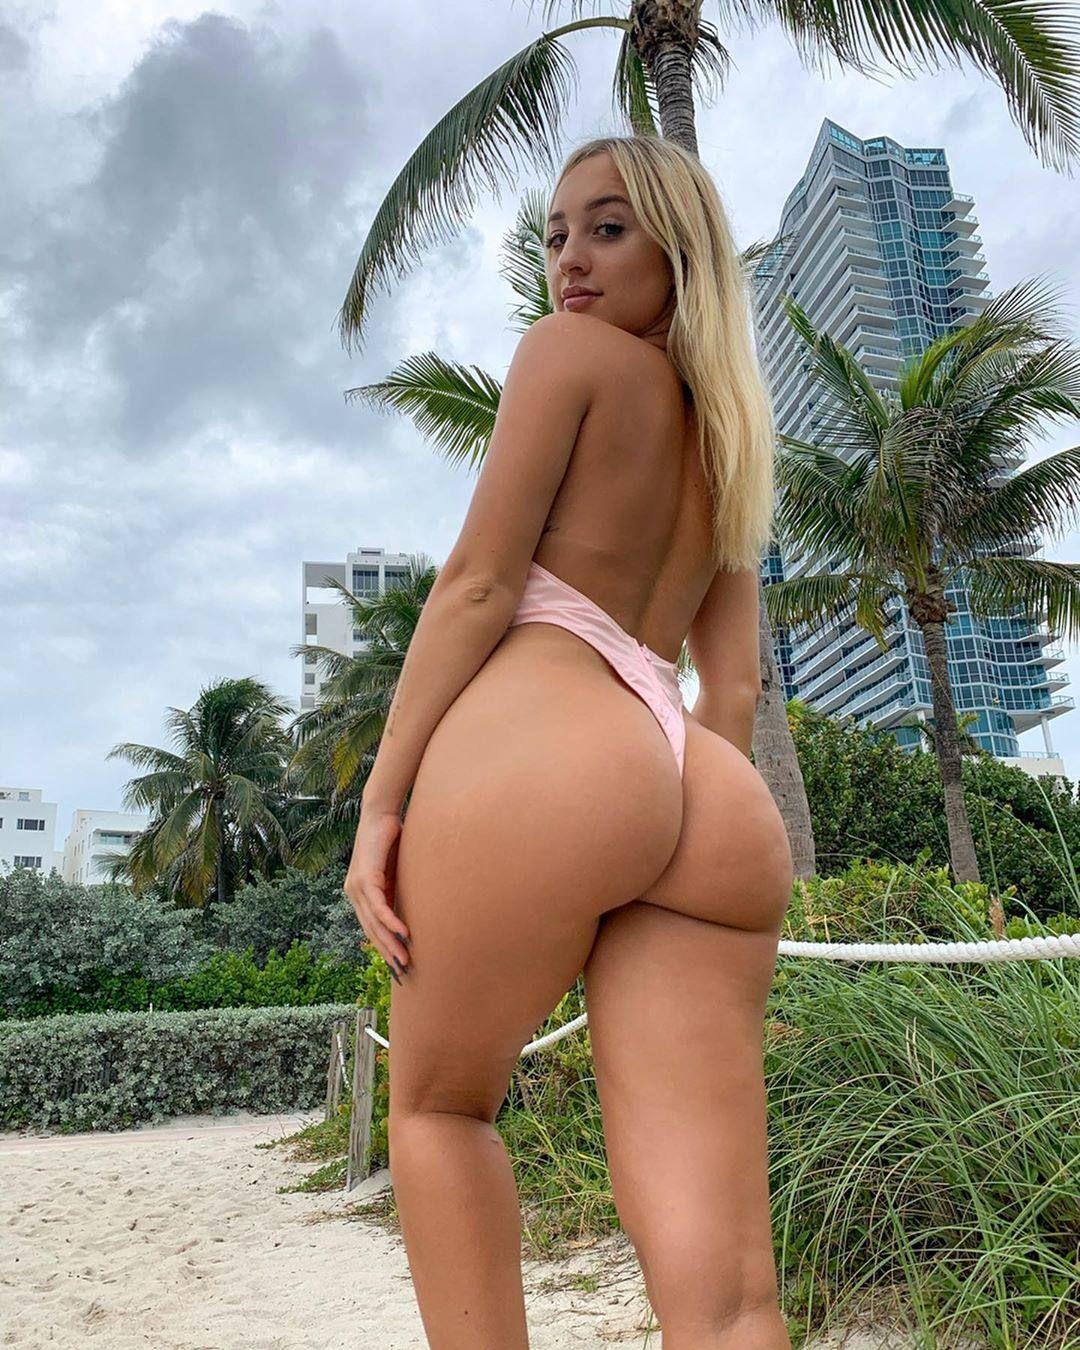 Jenni Niemaann Sexy & Topless 0009